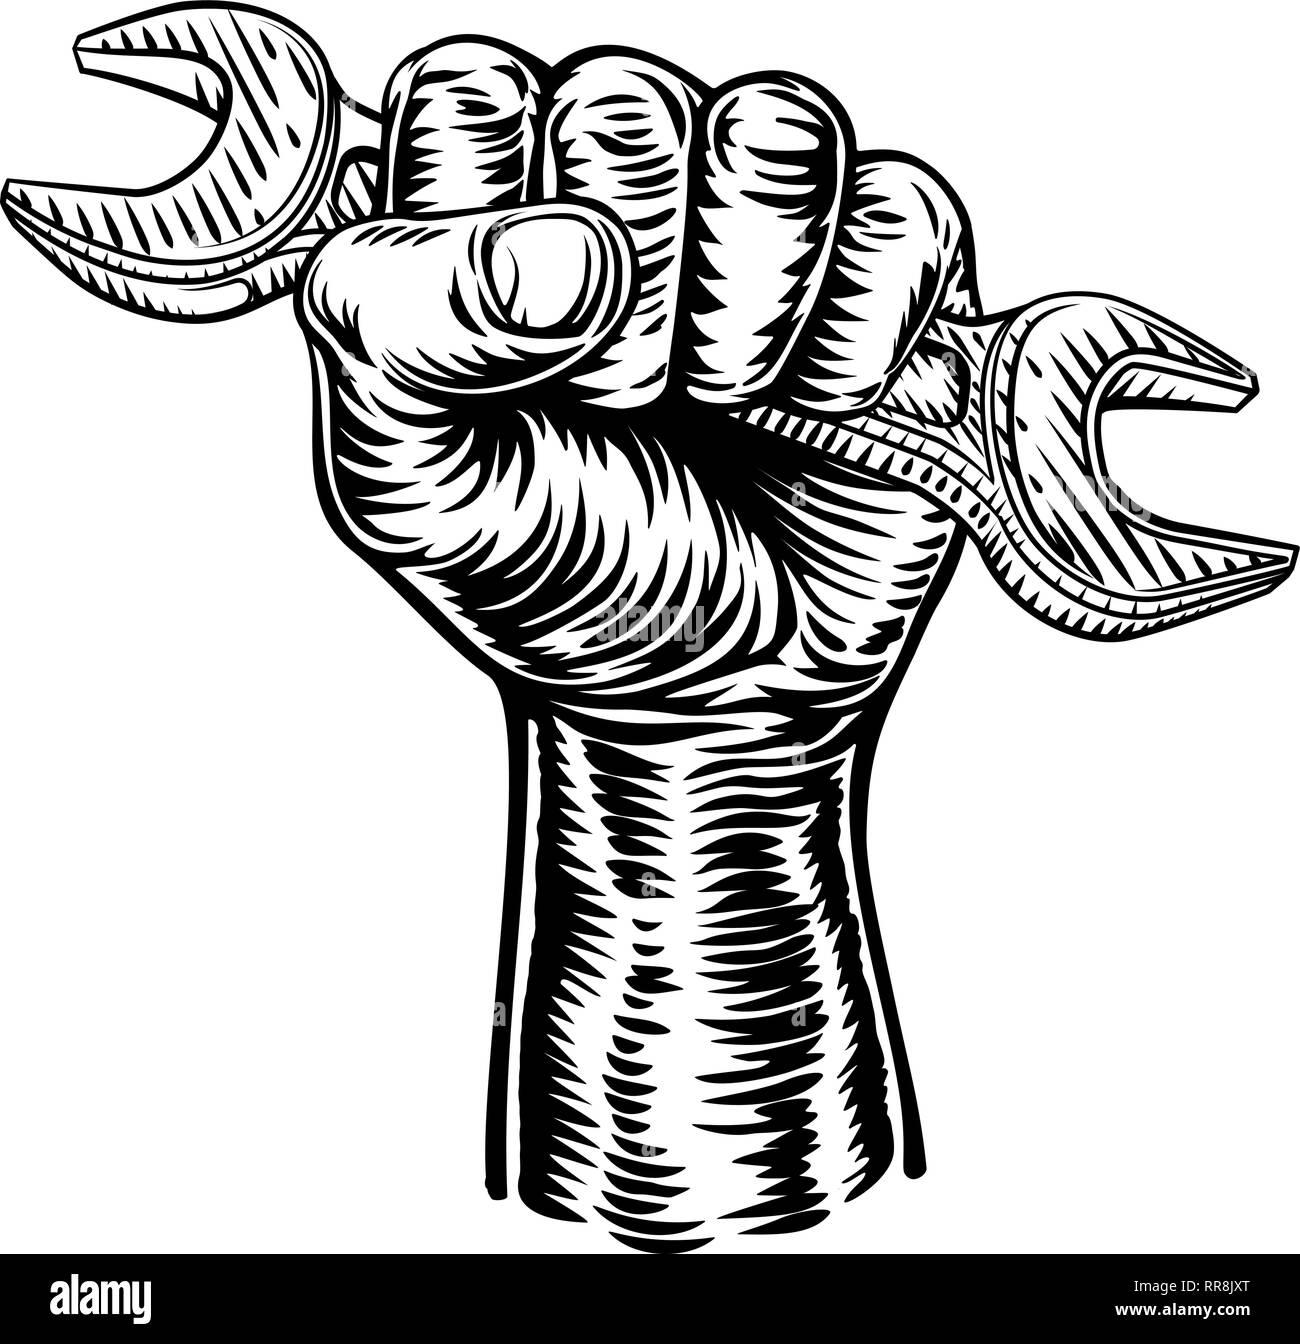 Hand Holding Plumber or Mechanic Wrench Spanner Stock Vector